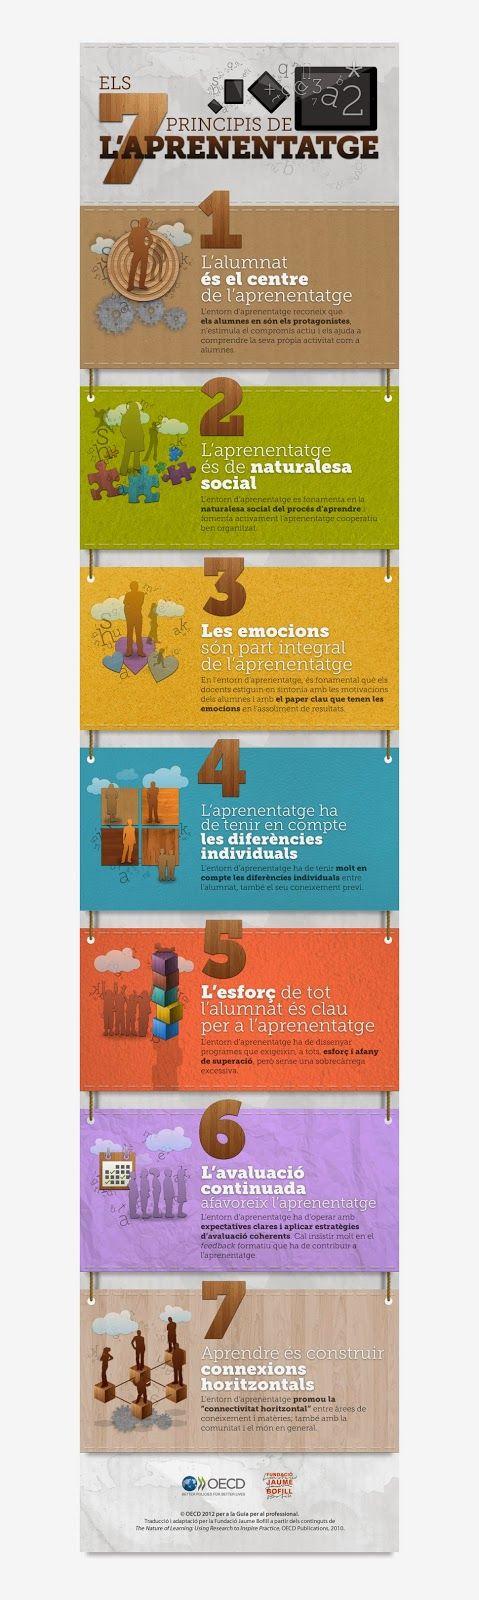 ELS 7 PRINCIPIS DE LAPRENENTAGE - TIC, LLAPIS I PAPER